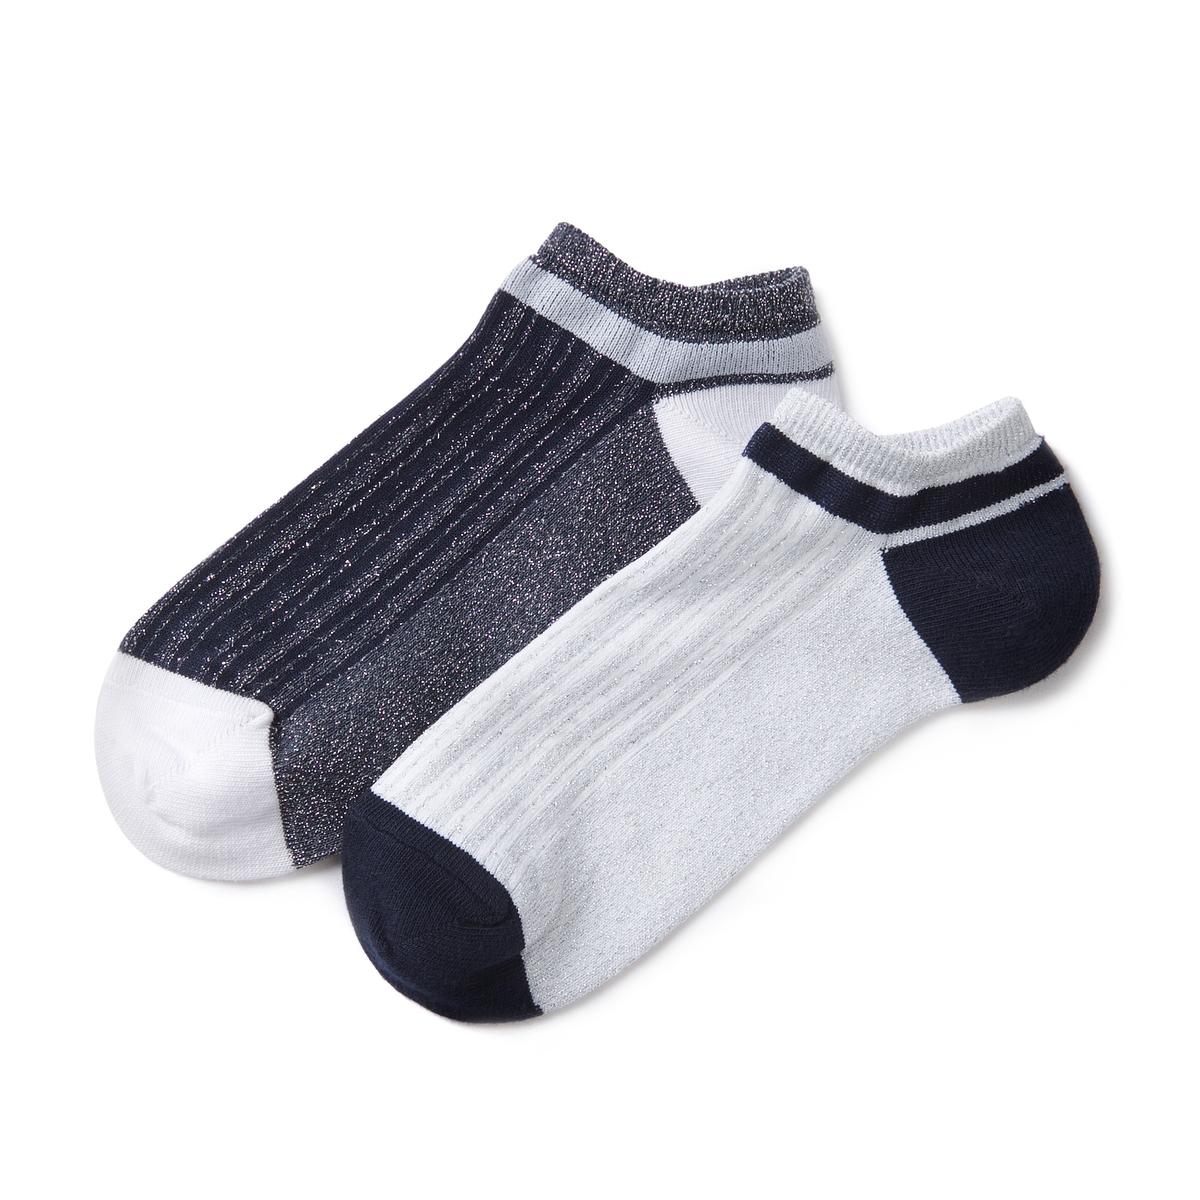 Комплект из 2 пар носковКомплект из 2 пар двухцветных носков с блестящим эффектом . Детали •  5 пар двухцветных носков с блестящим эффектом .Состав и уход • 76% хлопка, 23% полиамида, 1% эластана   • Машинная стирка при 30°, на умеренном режиме     • Стирать с вещами подобного цвета<br><br>Цвет: темно-синий/ белый<br>Размер: 38/41